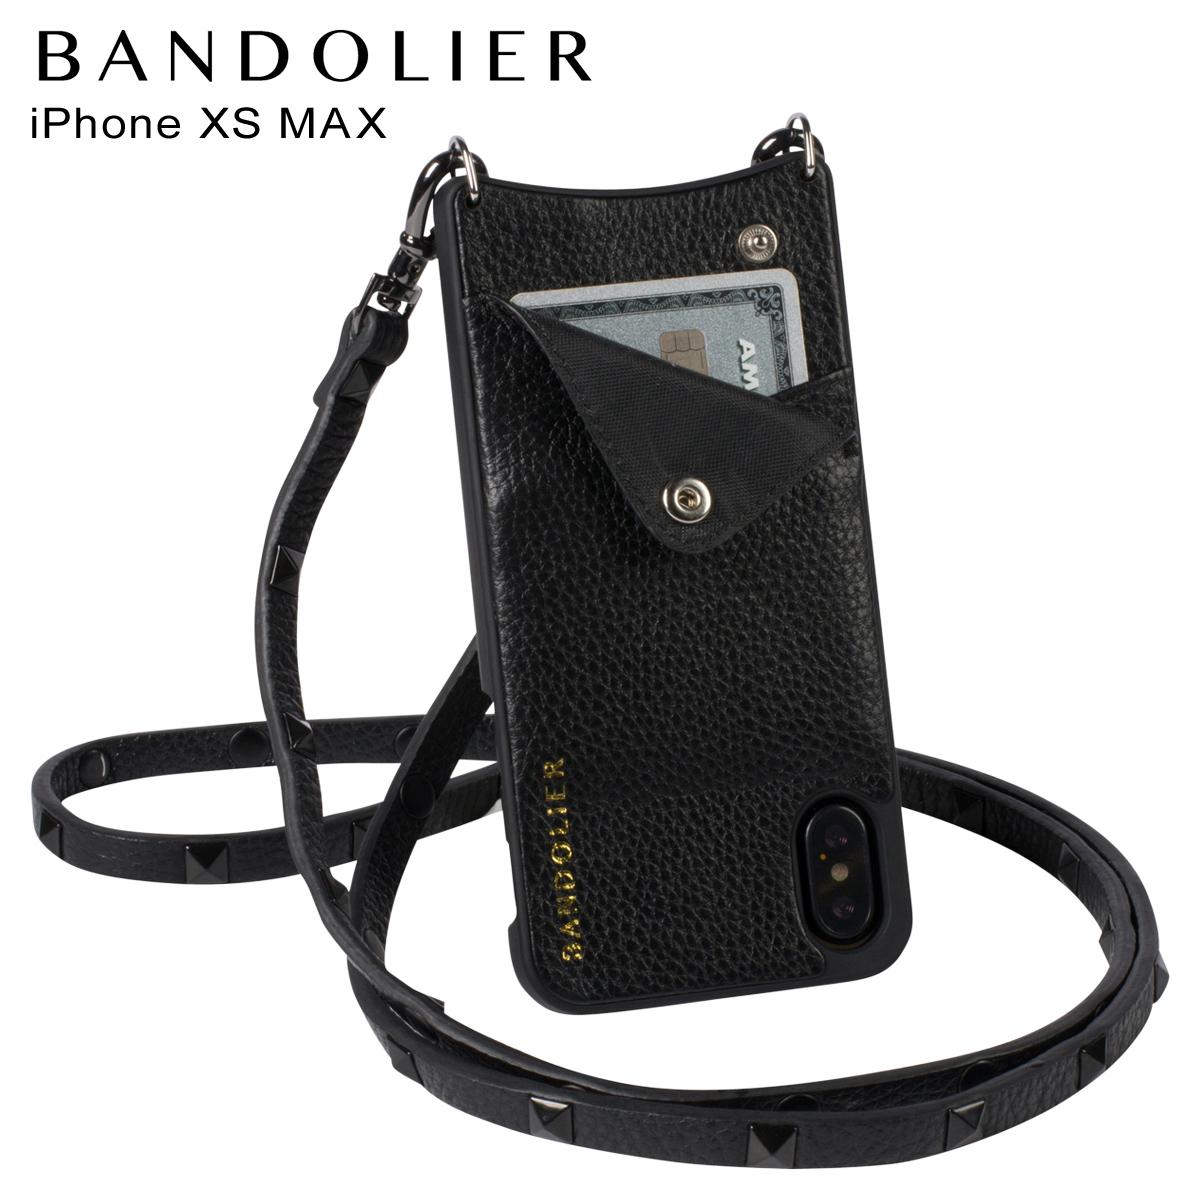 バンドリヤー BANDOLIER iPhone XS MAX ケース ショルダー スマホ アイフォン レザー SARAH BLACK メンズ レディース ブラック 黒 10SAR1001 [予約商品 4月下旬頃入荷予定 再入荷]